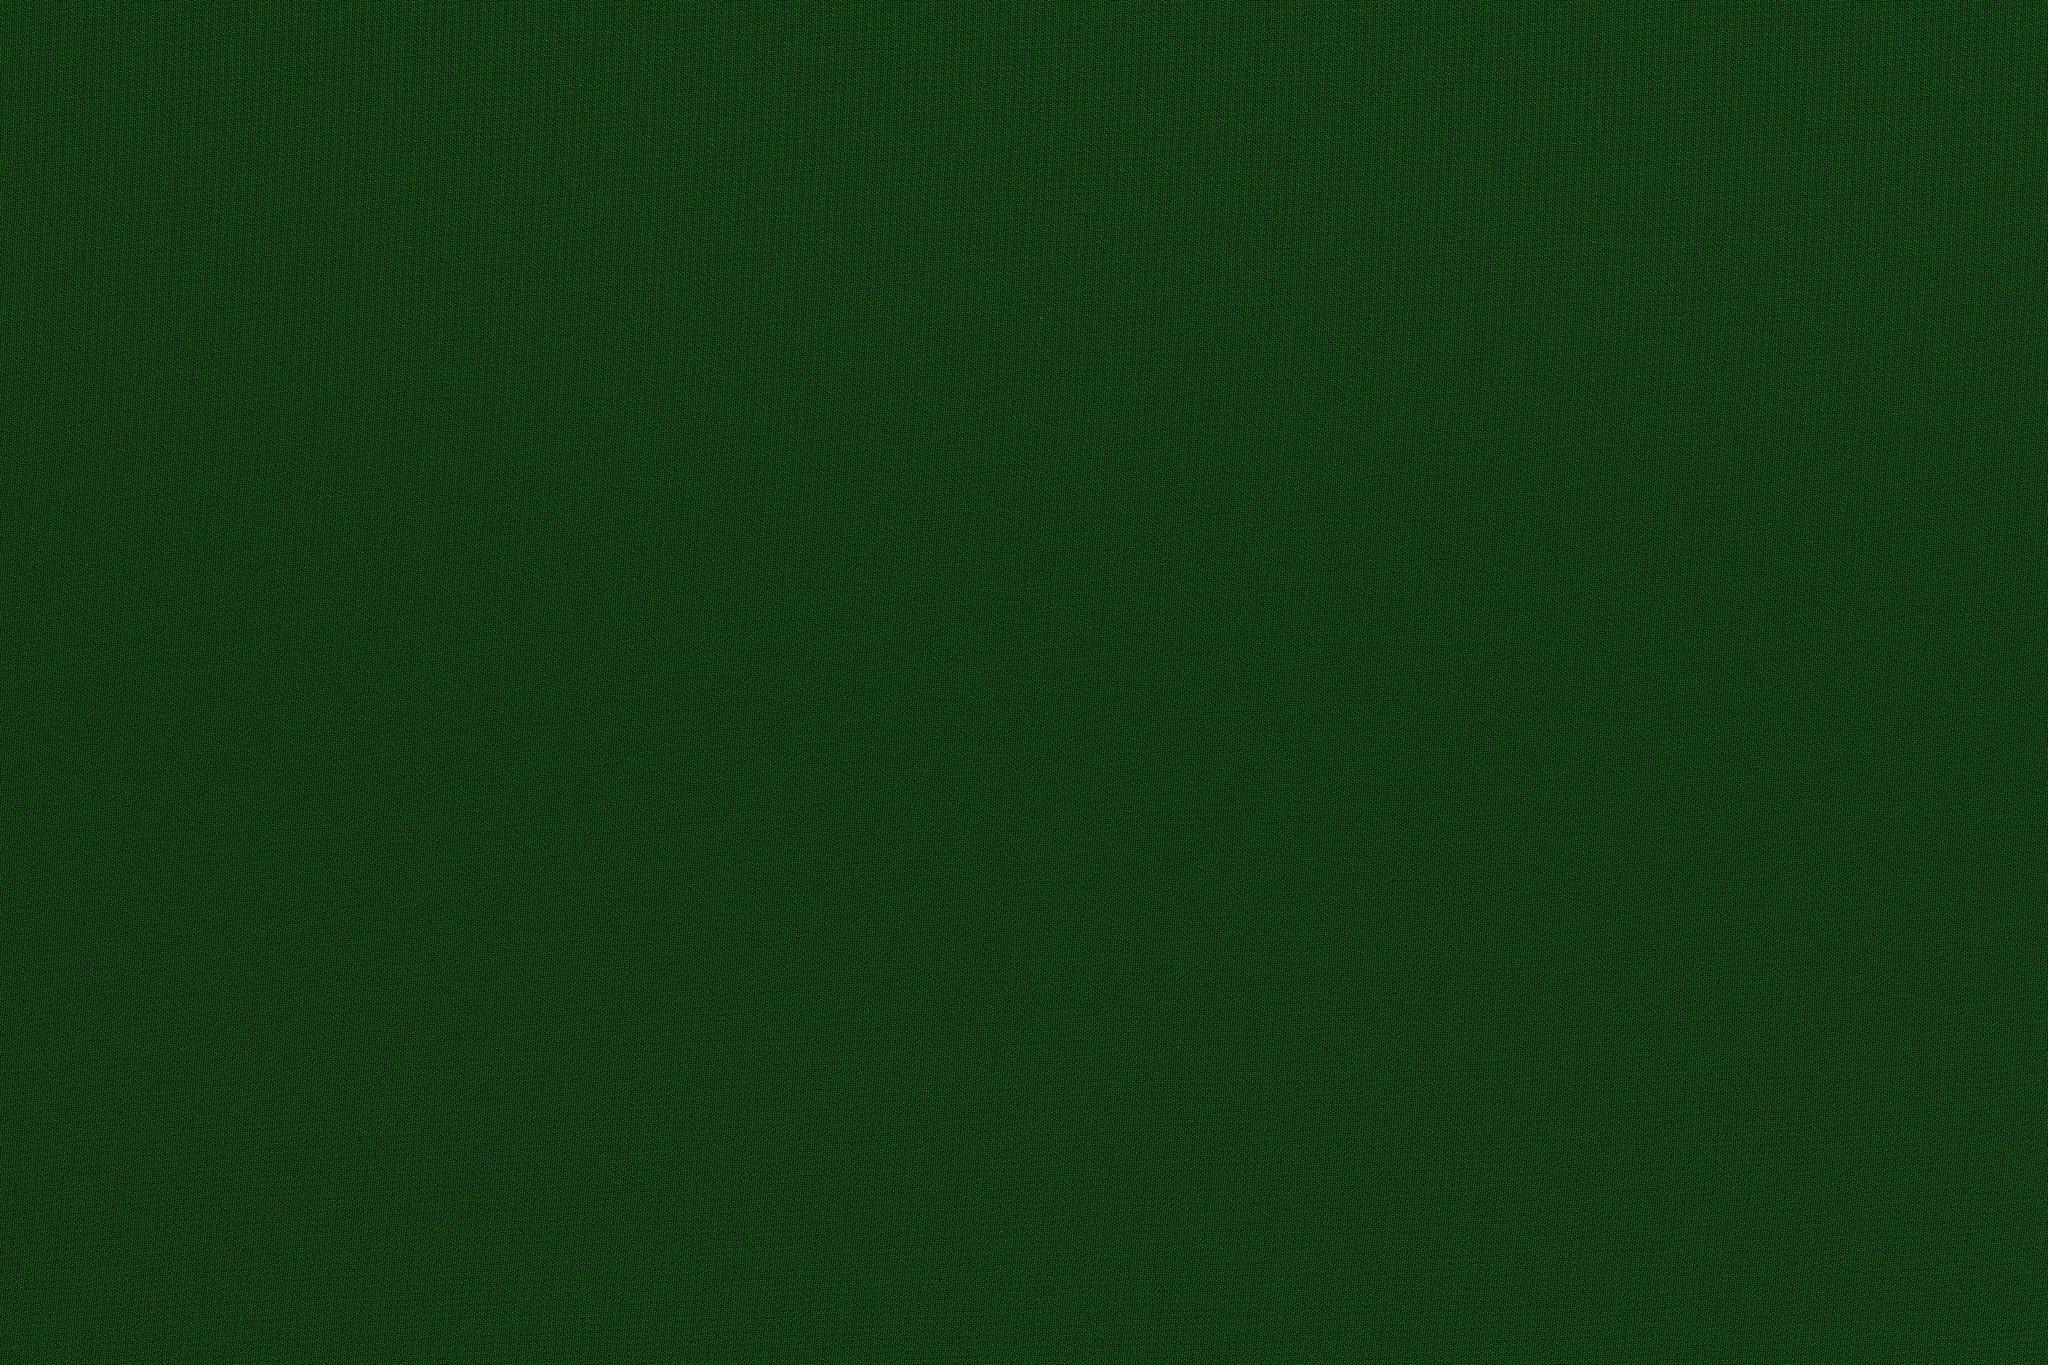 「細かい織目の緑色の布地」の画像を無料ダウンロード